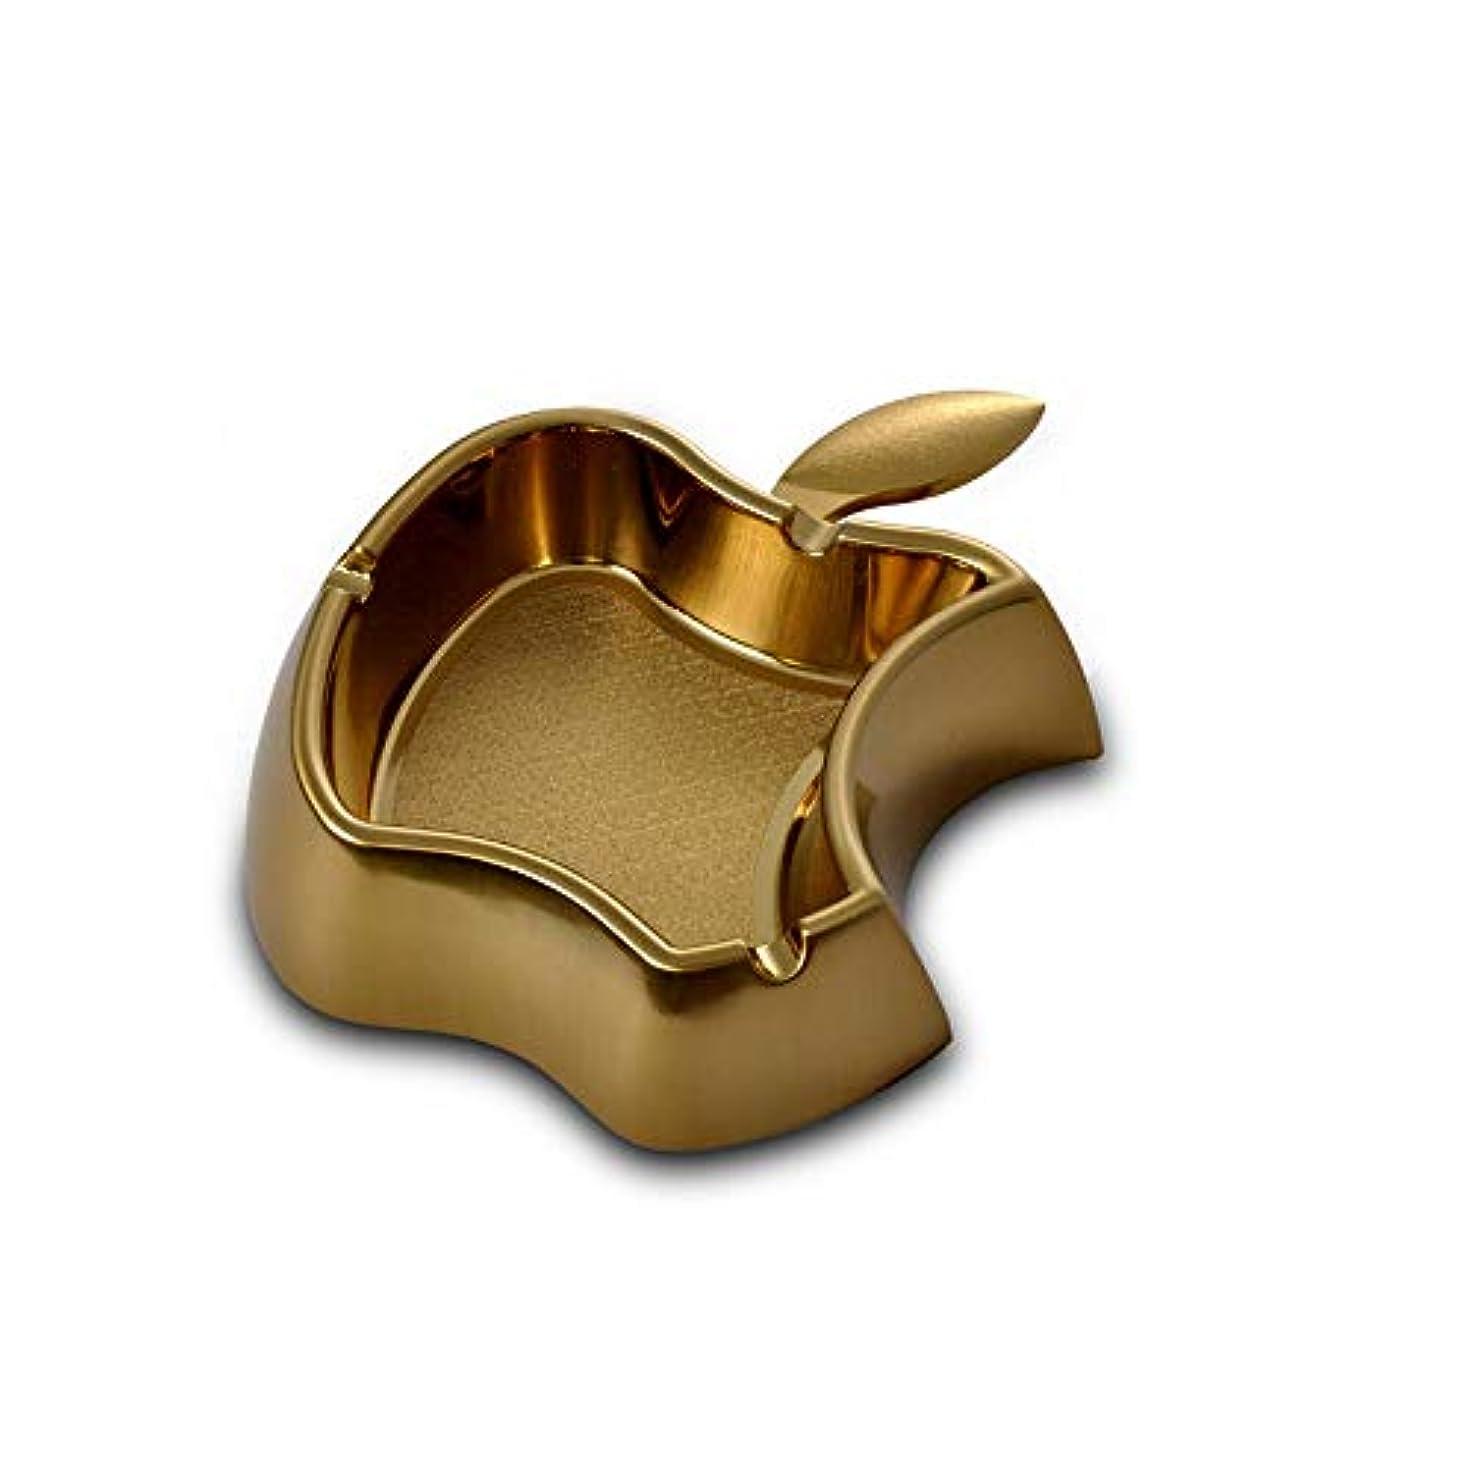 小麦粉記念日コンソールクリエイティブアップルメタル灰皿シンプルな灰皿耐火ドロップ灰皿 (色 : ゴールド)